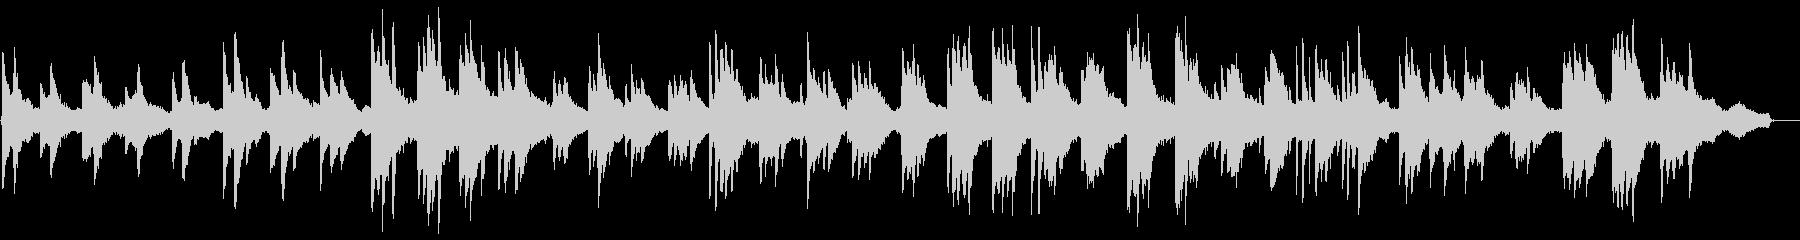 ヒーリングピアノ組曲 まどろみ 10の未再生の波形